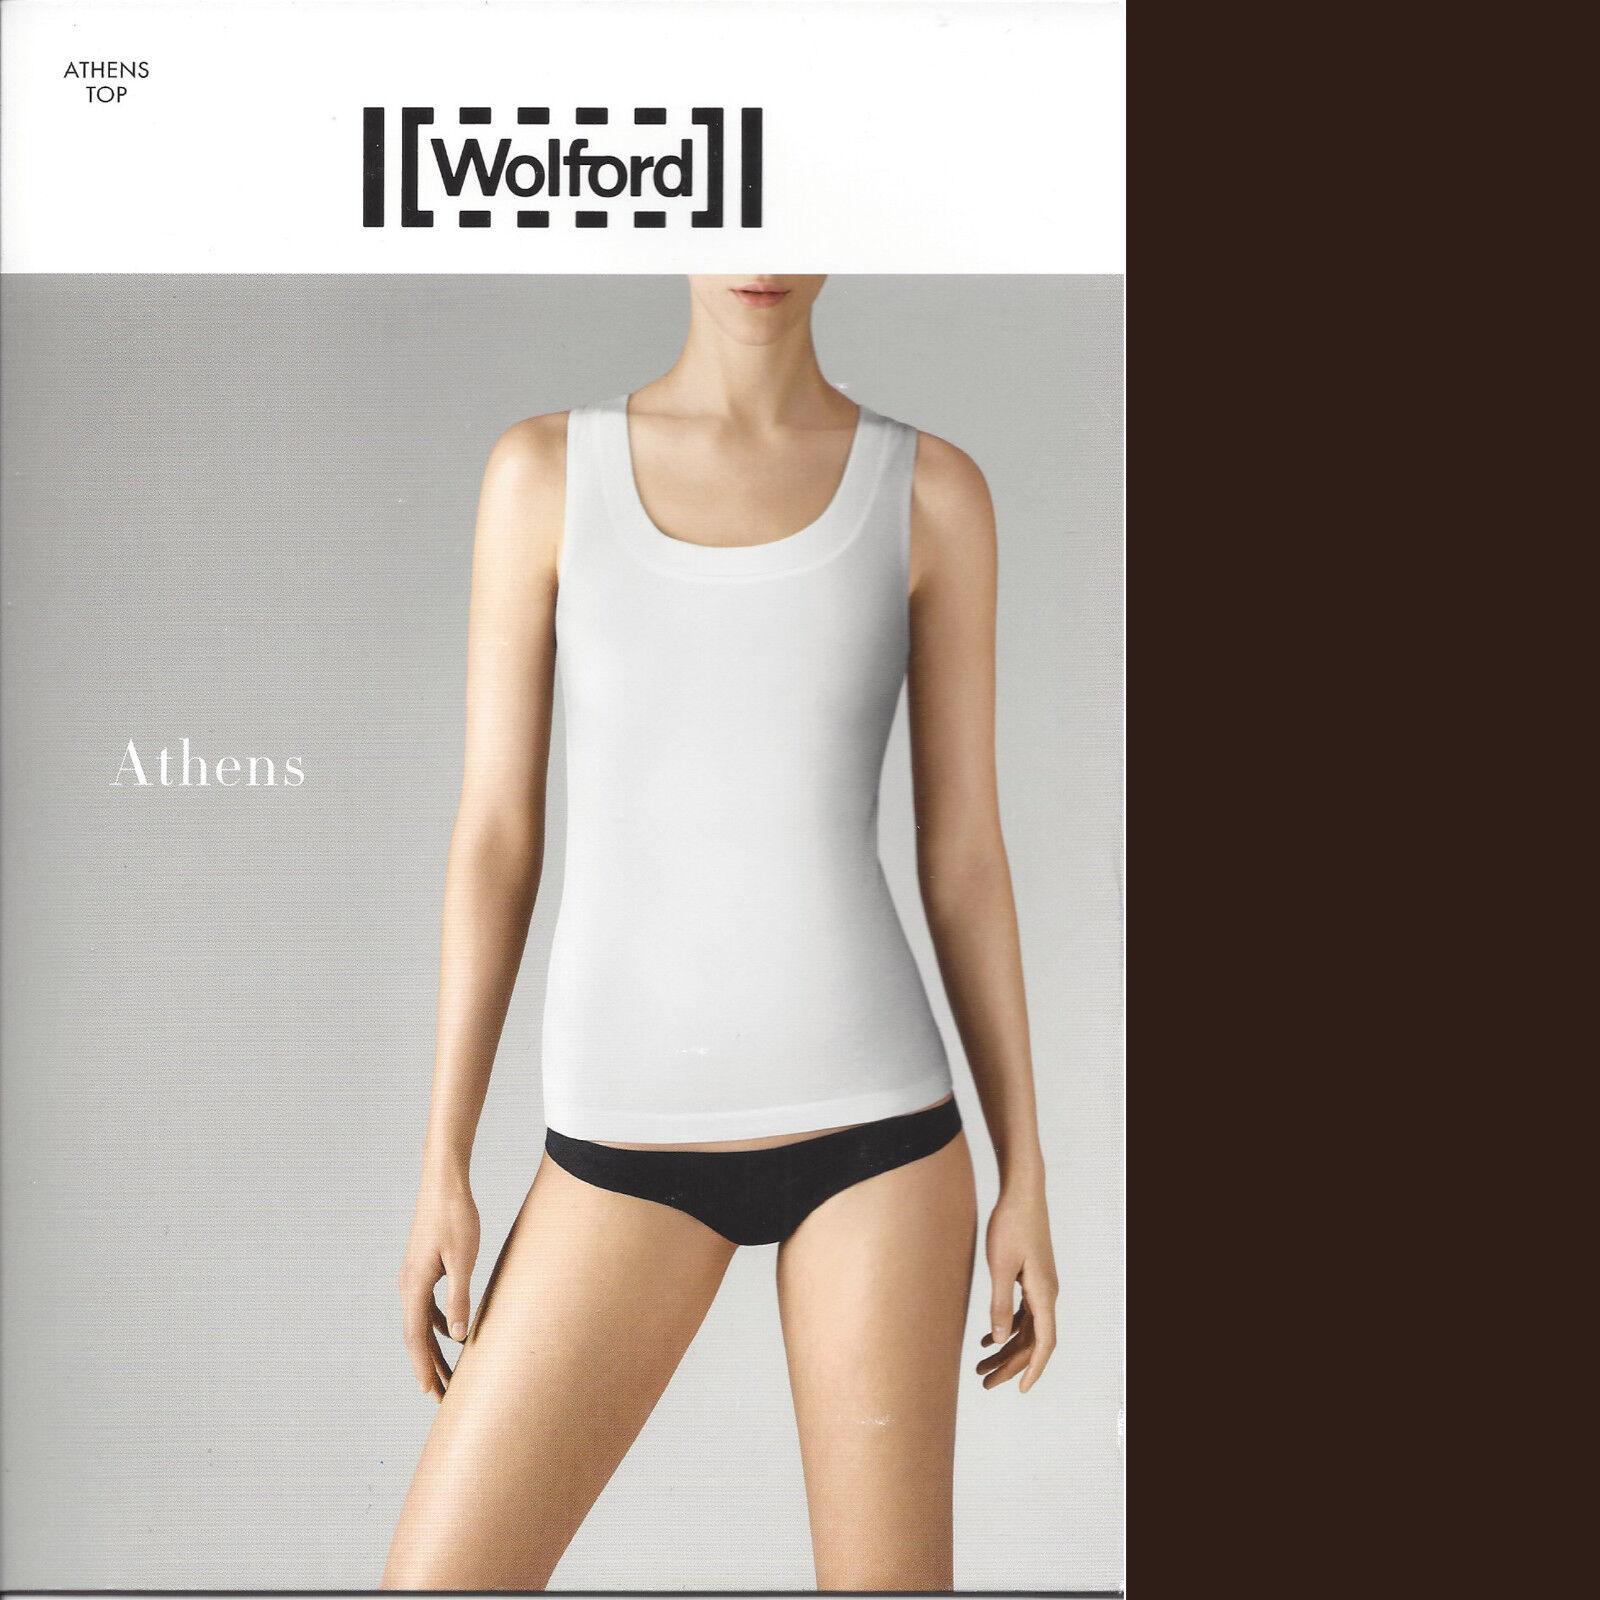 SALE • Wolford Athens Top - S - mocca  ... Elegantes Top mit femininem Dekolleté